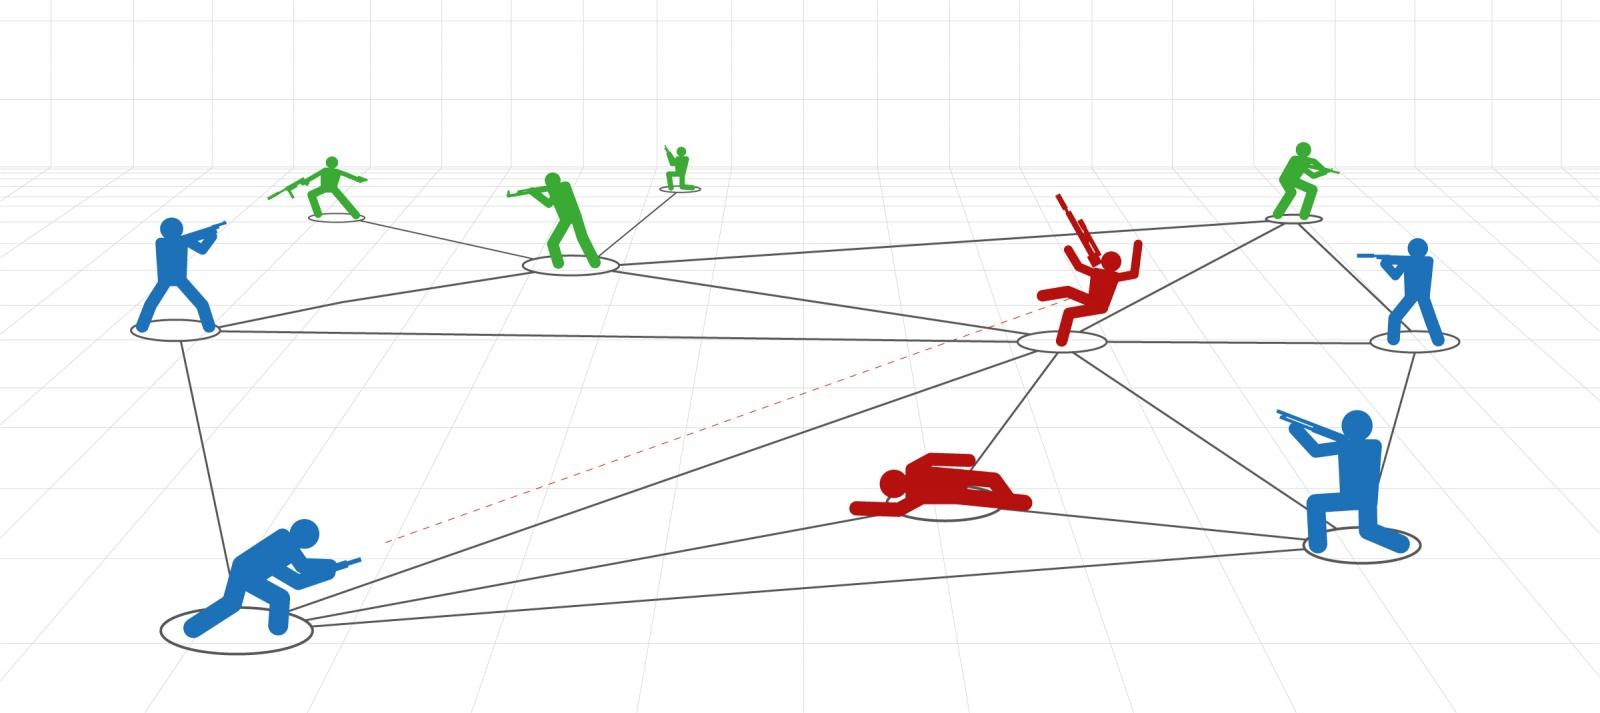 Как мы писали сетевой код мобильного PvP шутера: синхронизация игрока на клиенте - 1